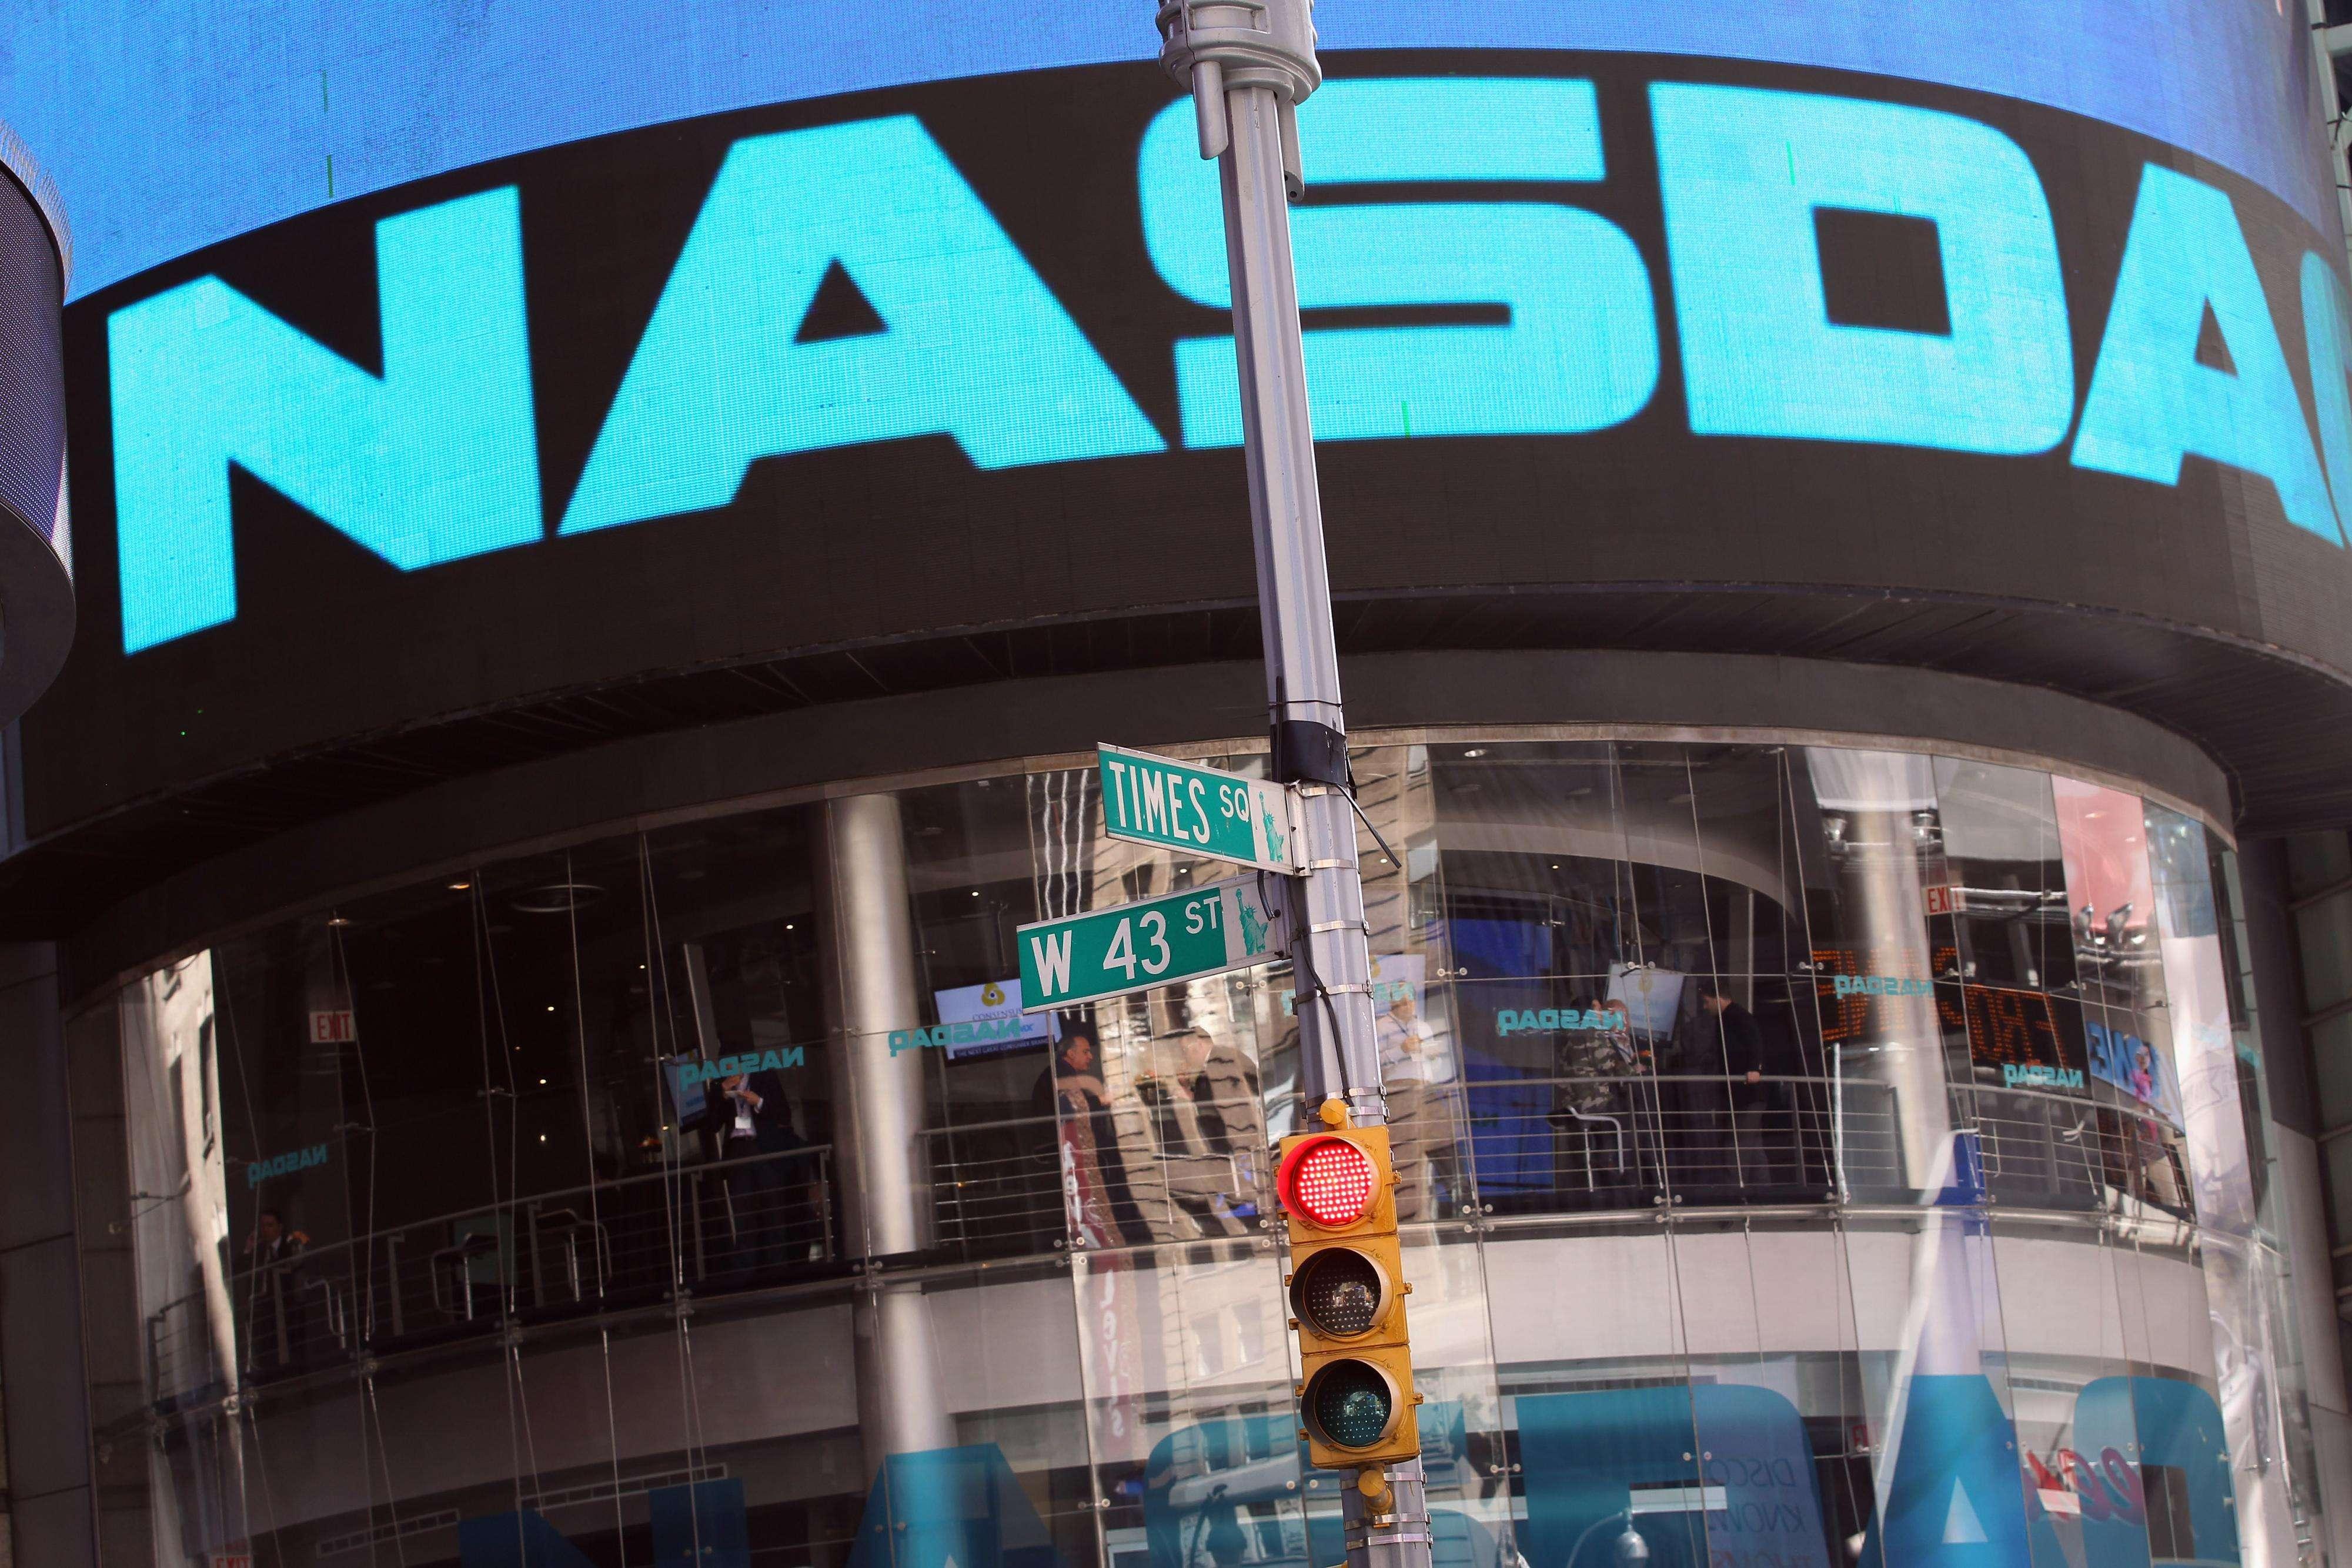 El índice Nasdaq ahora está dominado por grupos como Apple, capaces de generar beneficios muy elevados. Foto: Getty Images